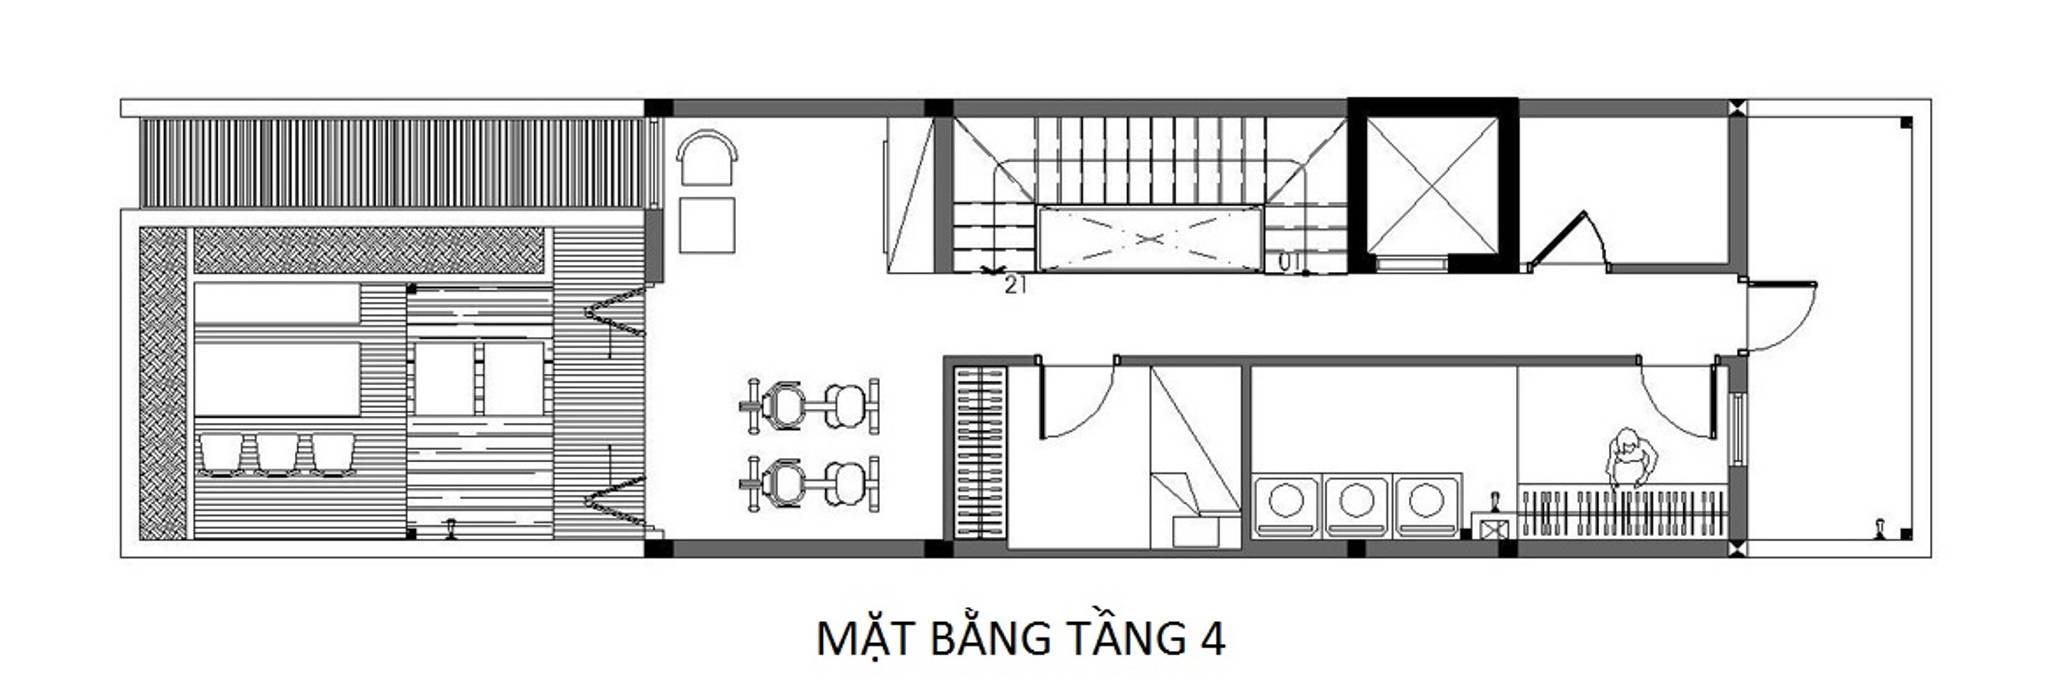 บ้านเดี่ยว โดย Công ty TNHH TK XD Song Phát, เอเชียน ทองแดง ทองสัมฤทธิ์ ทองเหลือง